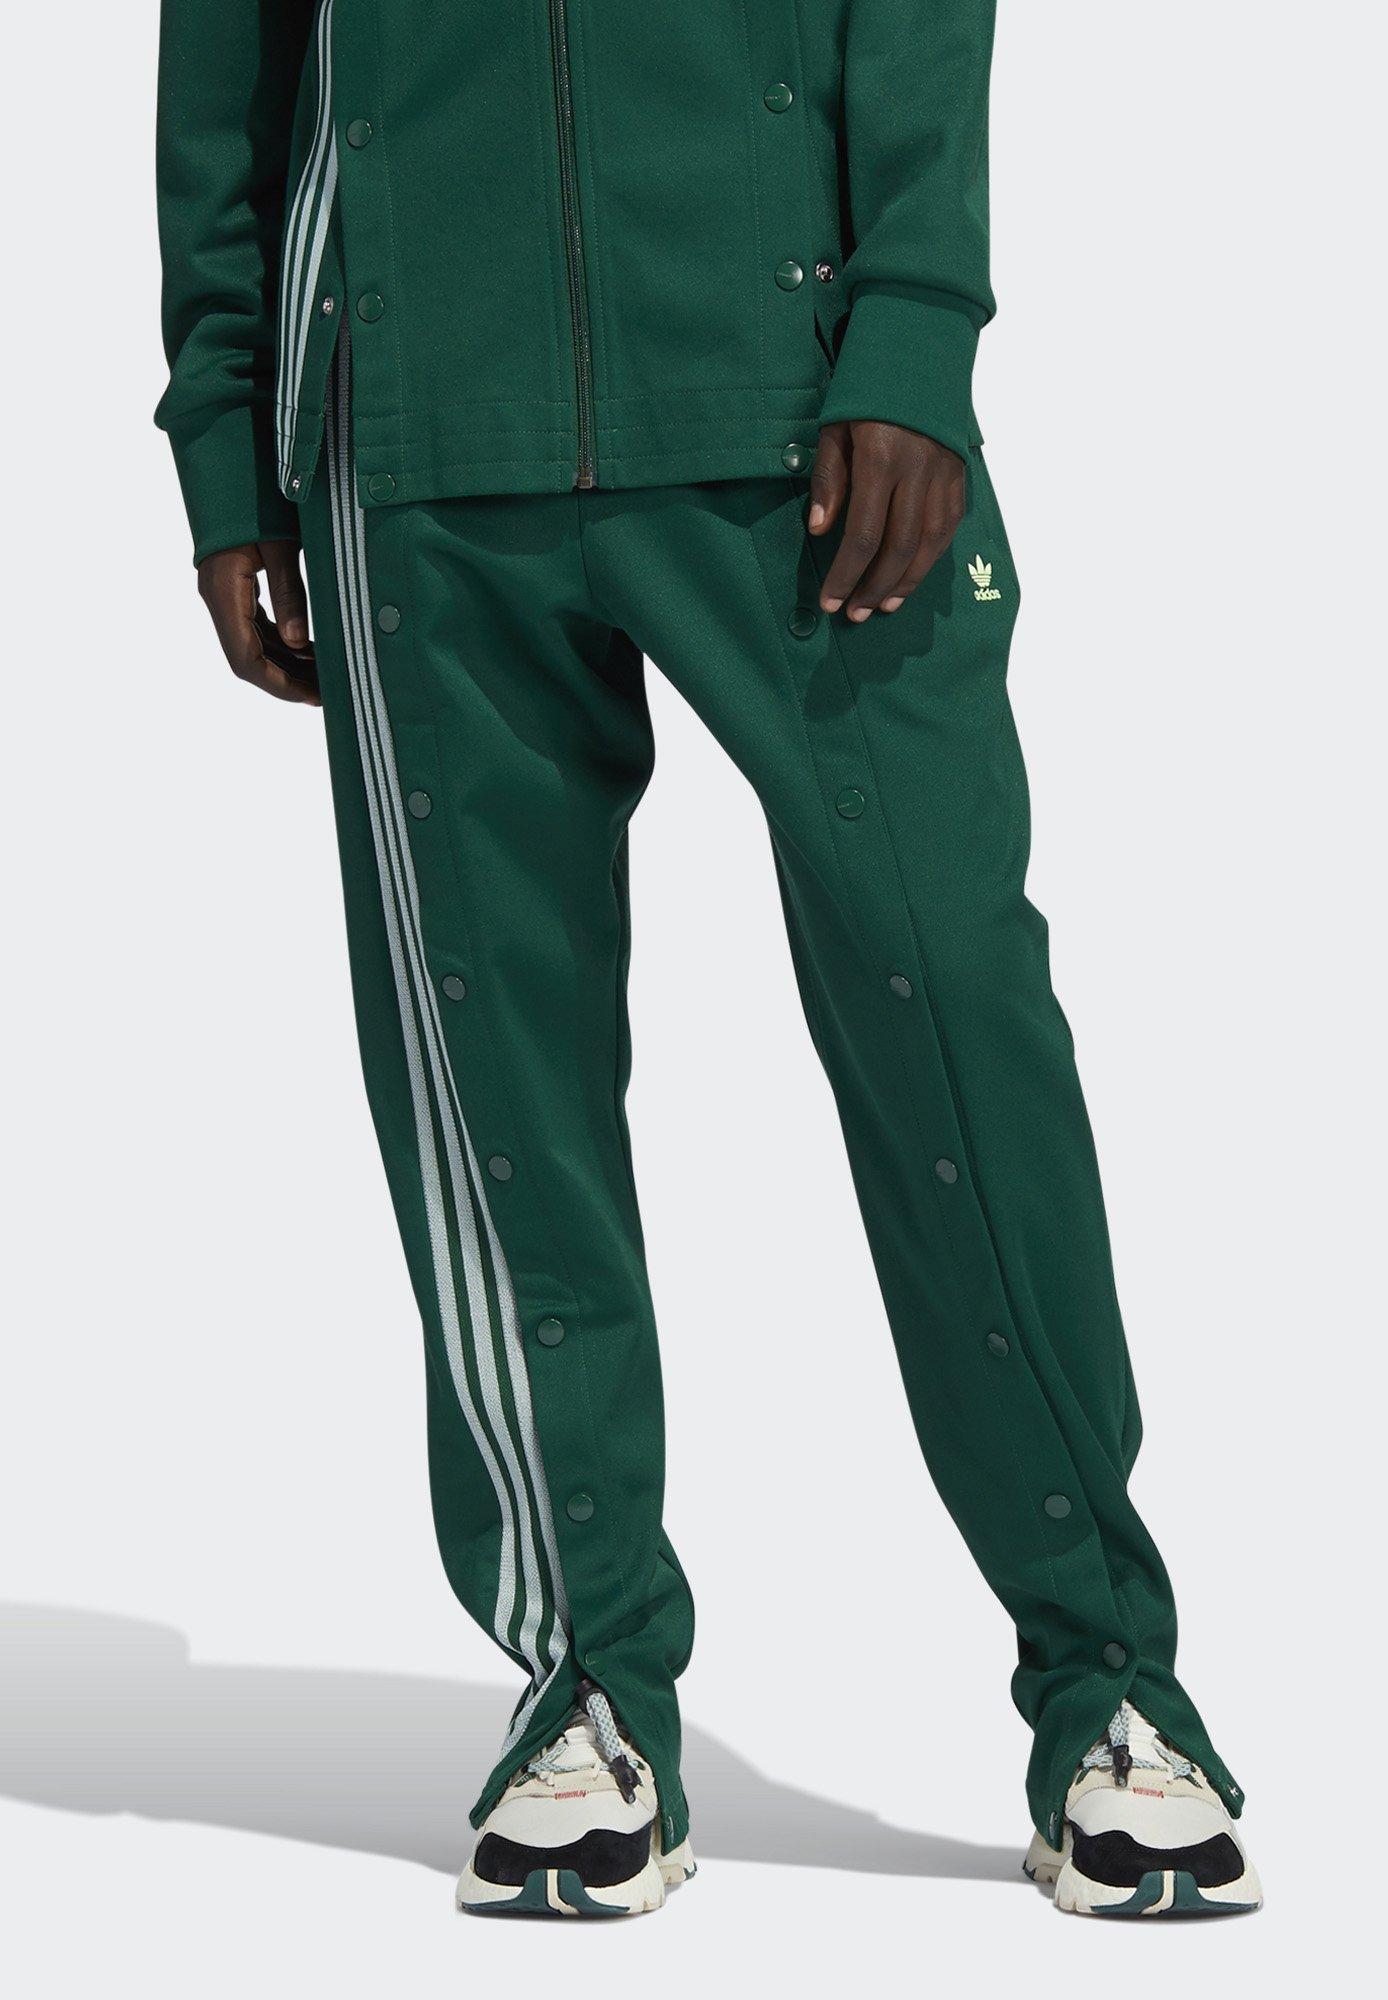 adidas Originals Ivy Park 4 All 3 stripe Track Jogginghose